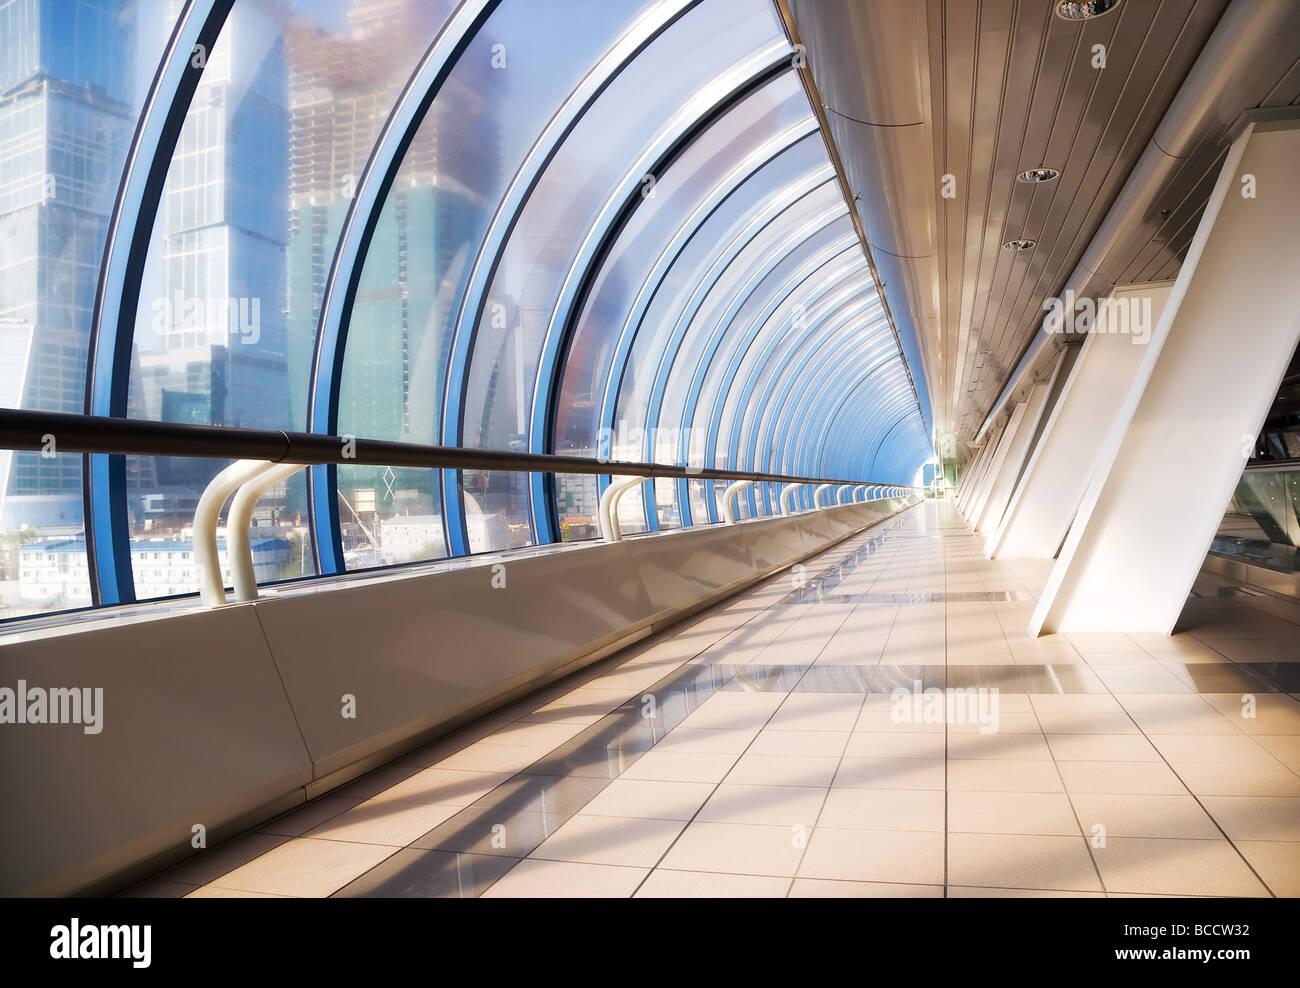 Moderno ponte interno un ampio angolo di visione Immagini Stock